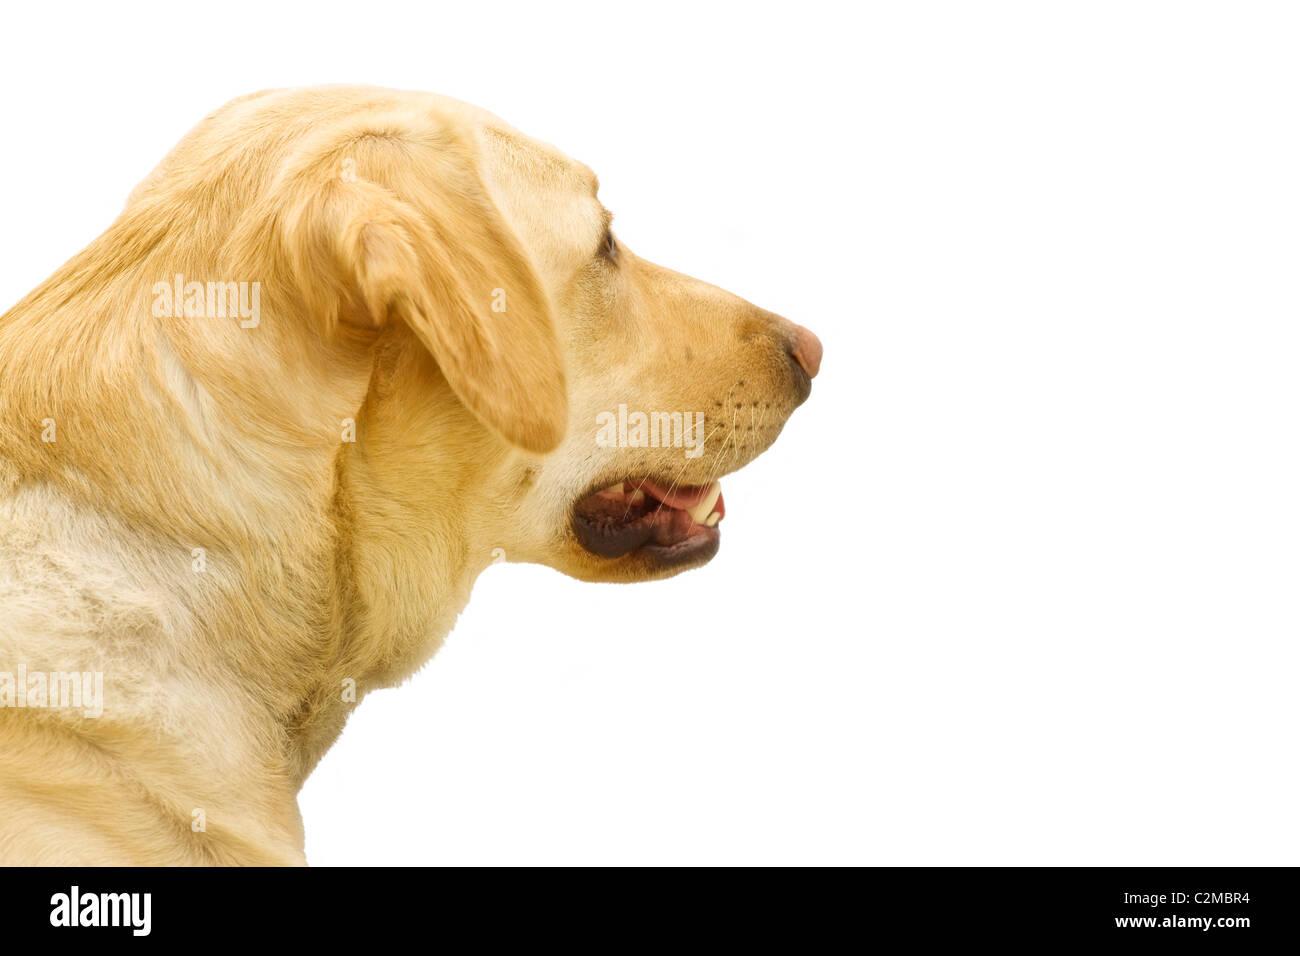 A Golden Labrador - Stock Image